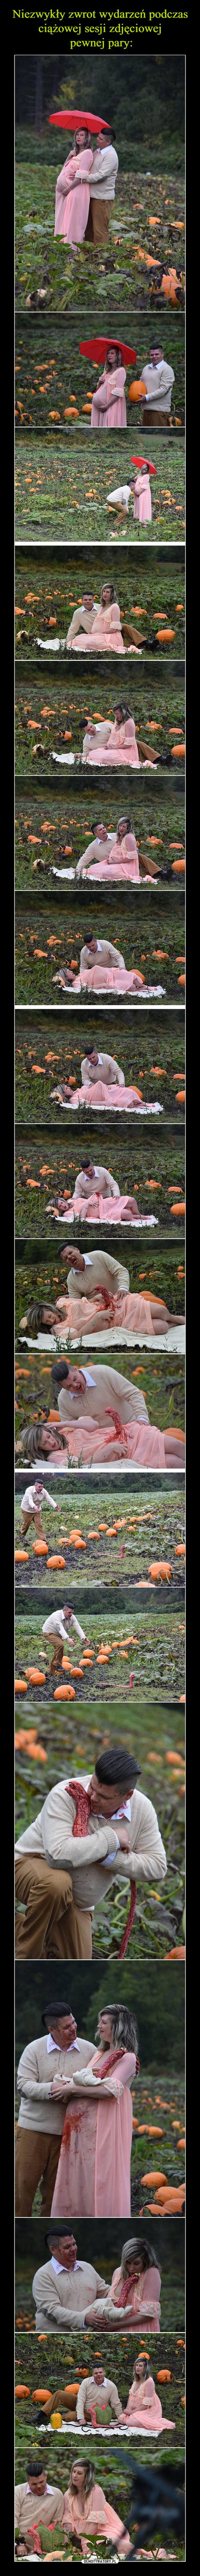 Niezwykły zwrot wydarzeń podczas ciążowej sesji zdjęciowej  pewnej pary: